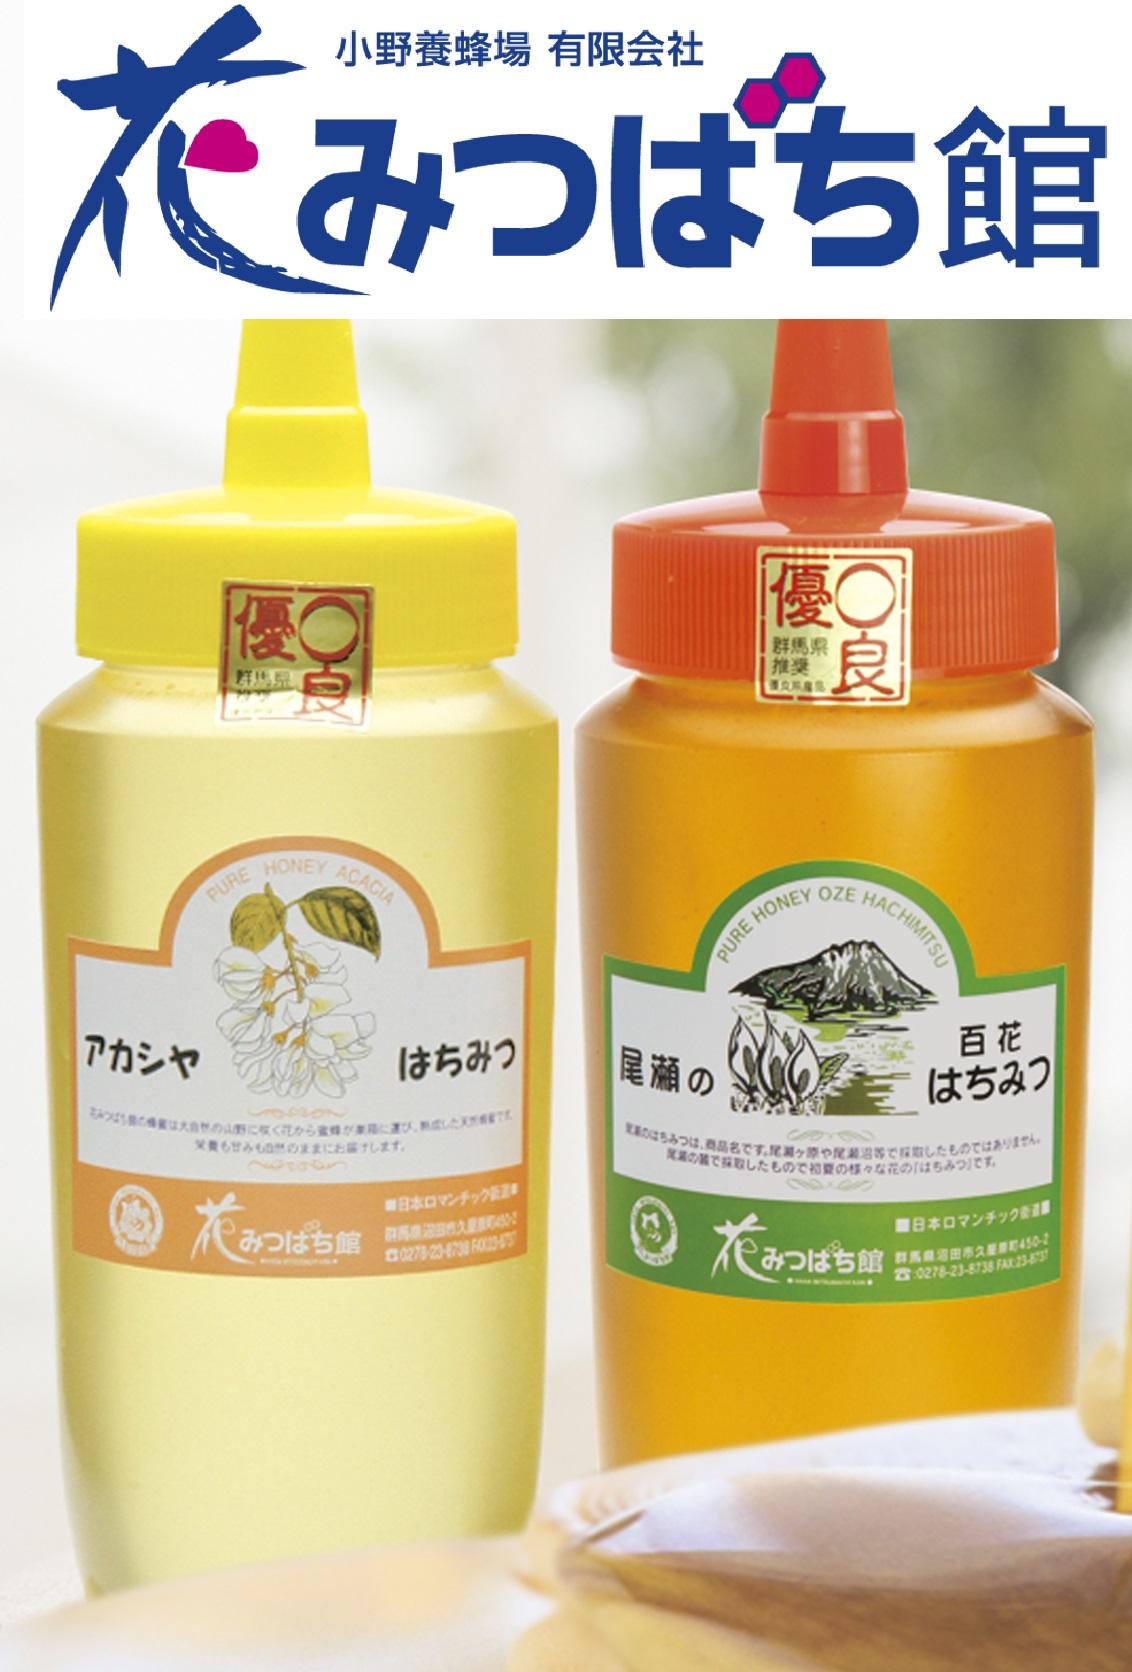 小野養蜂場有限会社